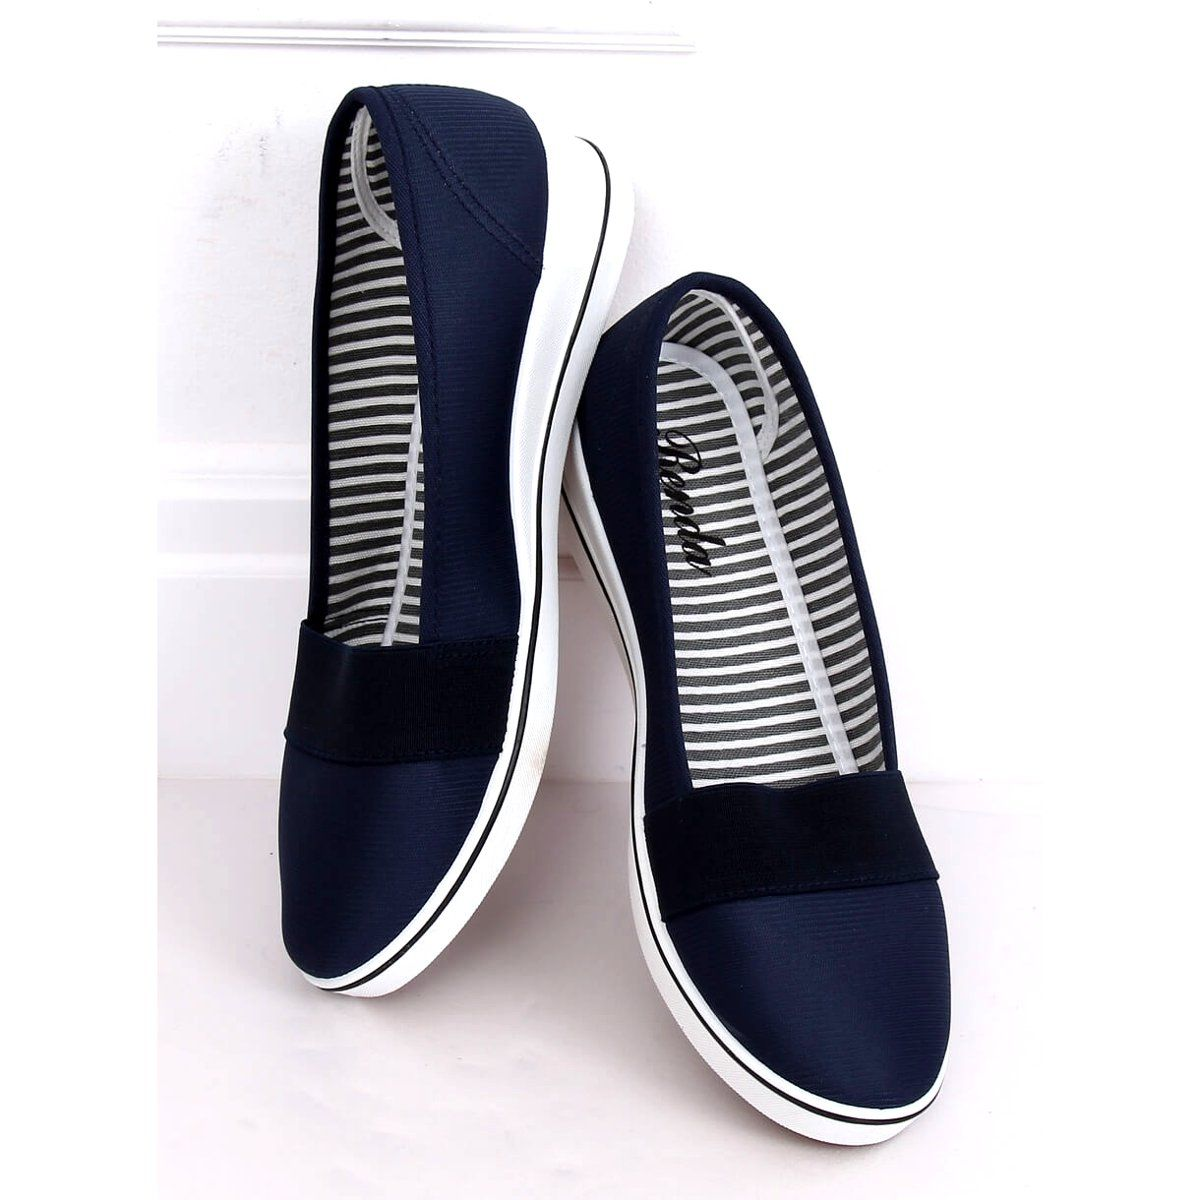 Baleriny Na Koturnie Granatowe S81b001 Blue Vans Classic Slip On Sneaker Vans Classic Slip On Slip On Sneaker